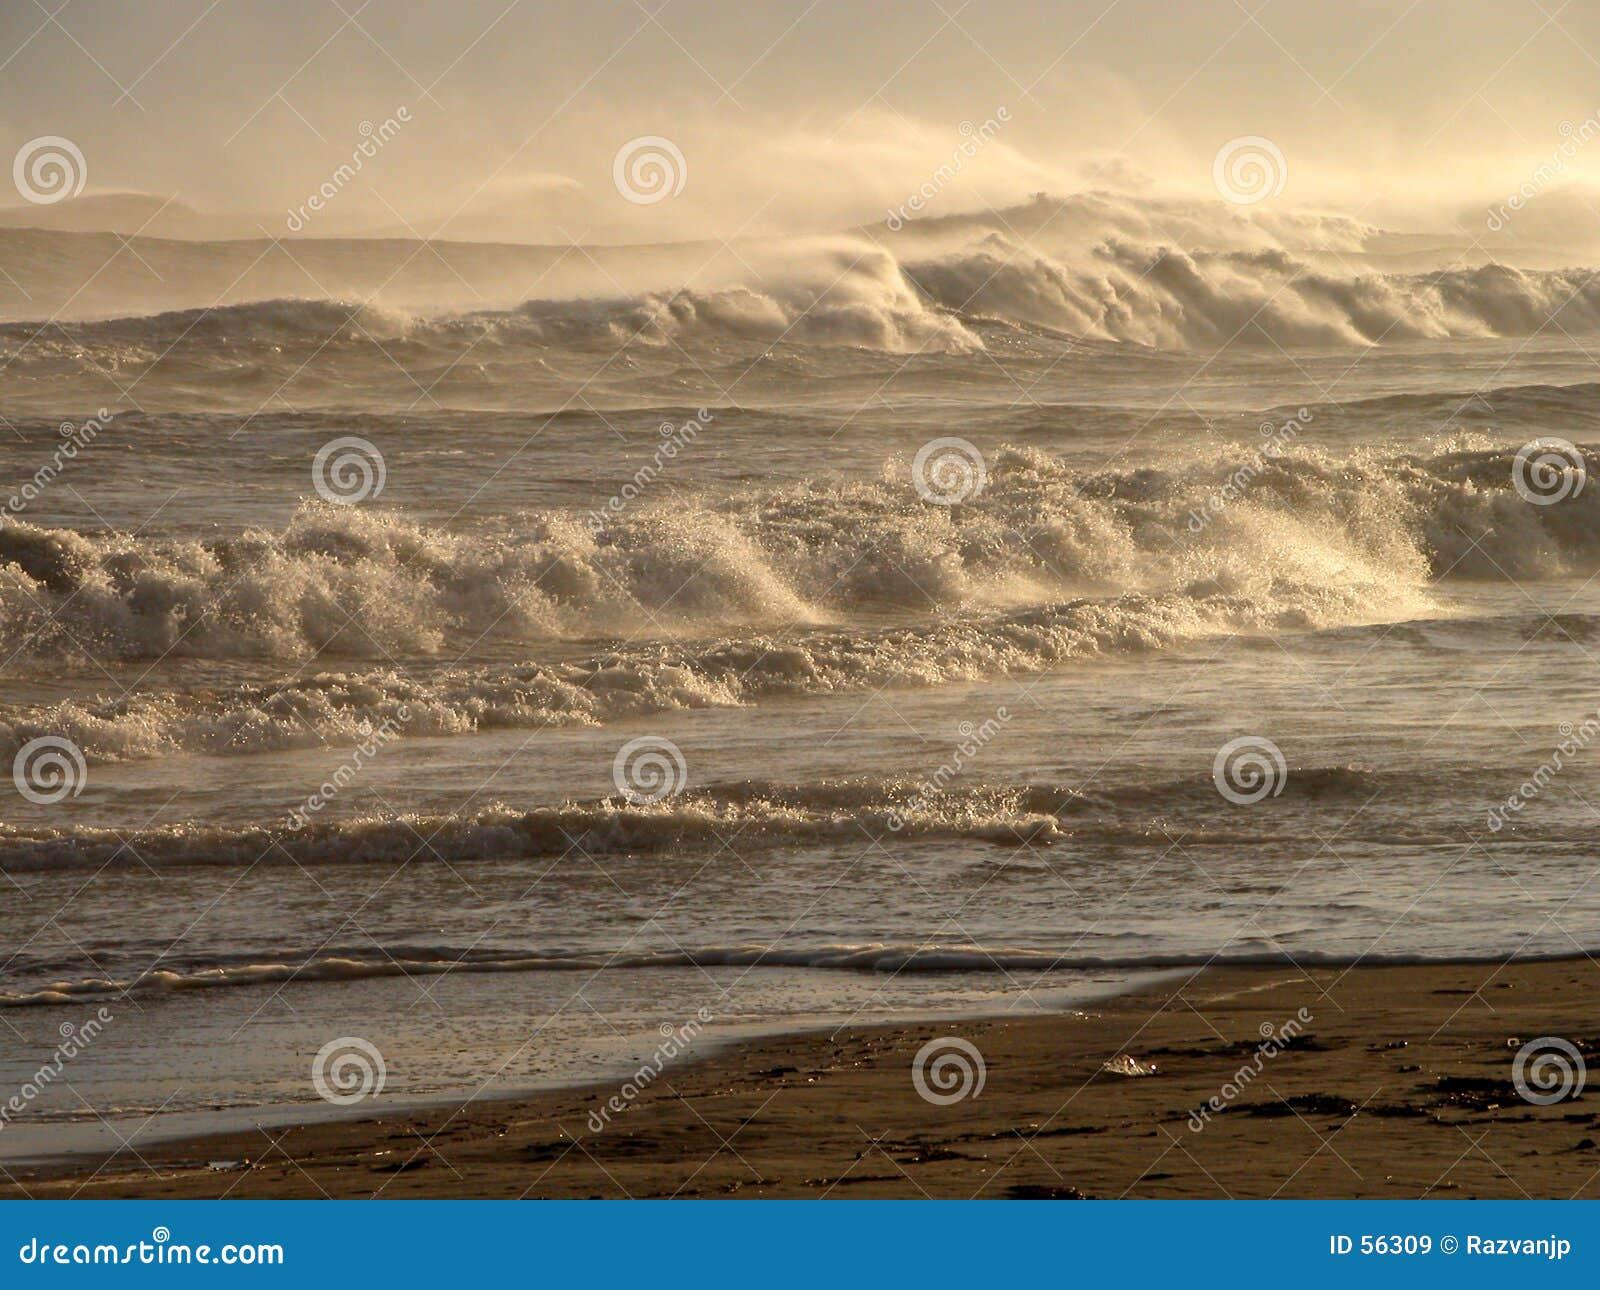 Download Montagnes des ondes?. image stock. Image du force, beauté - 56309